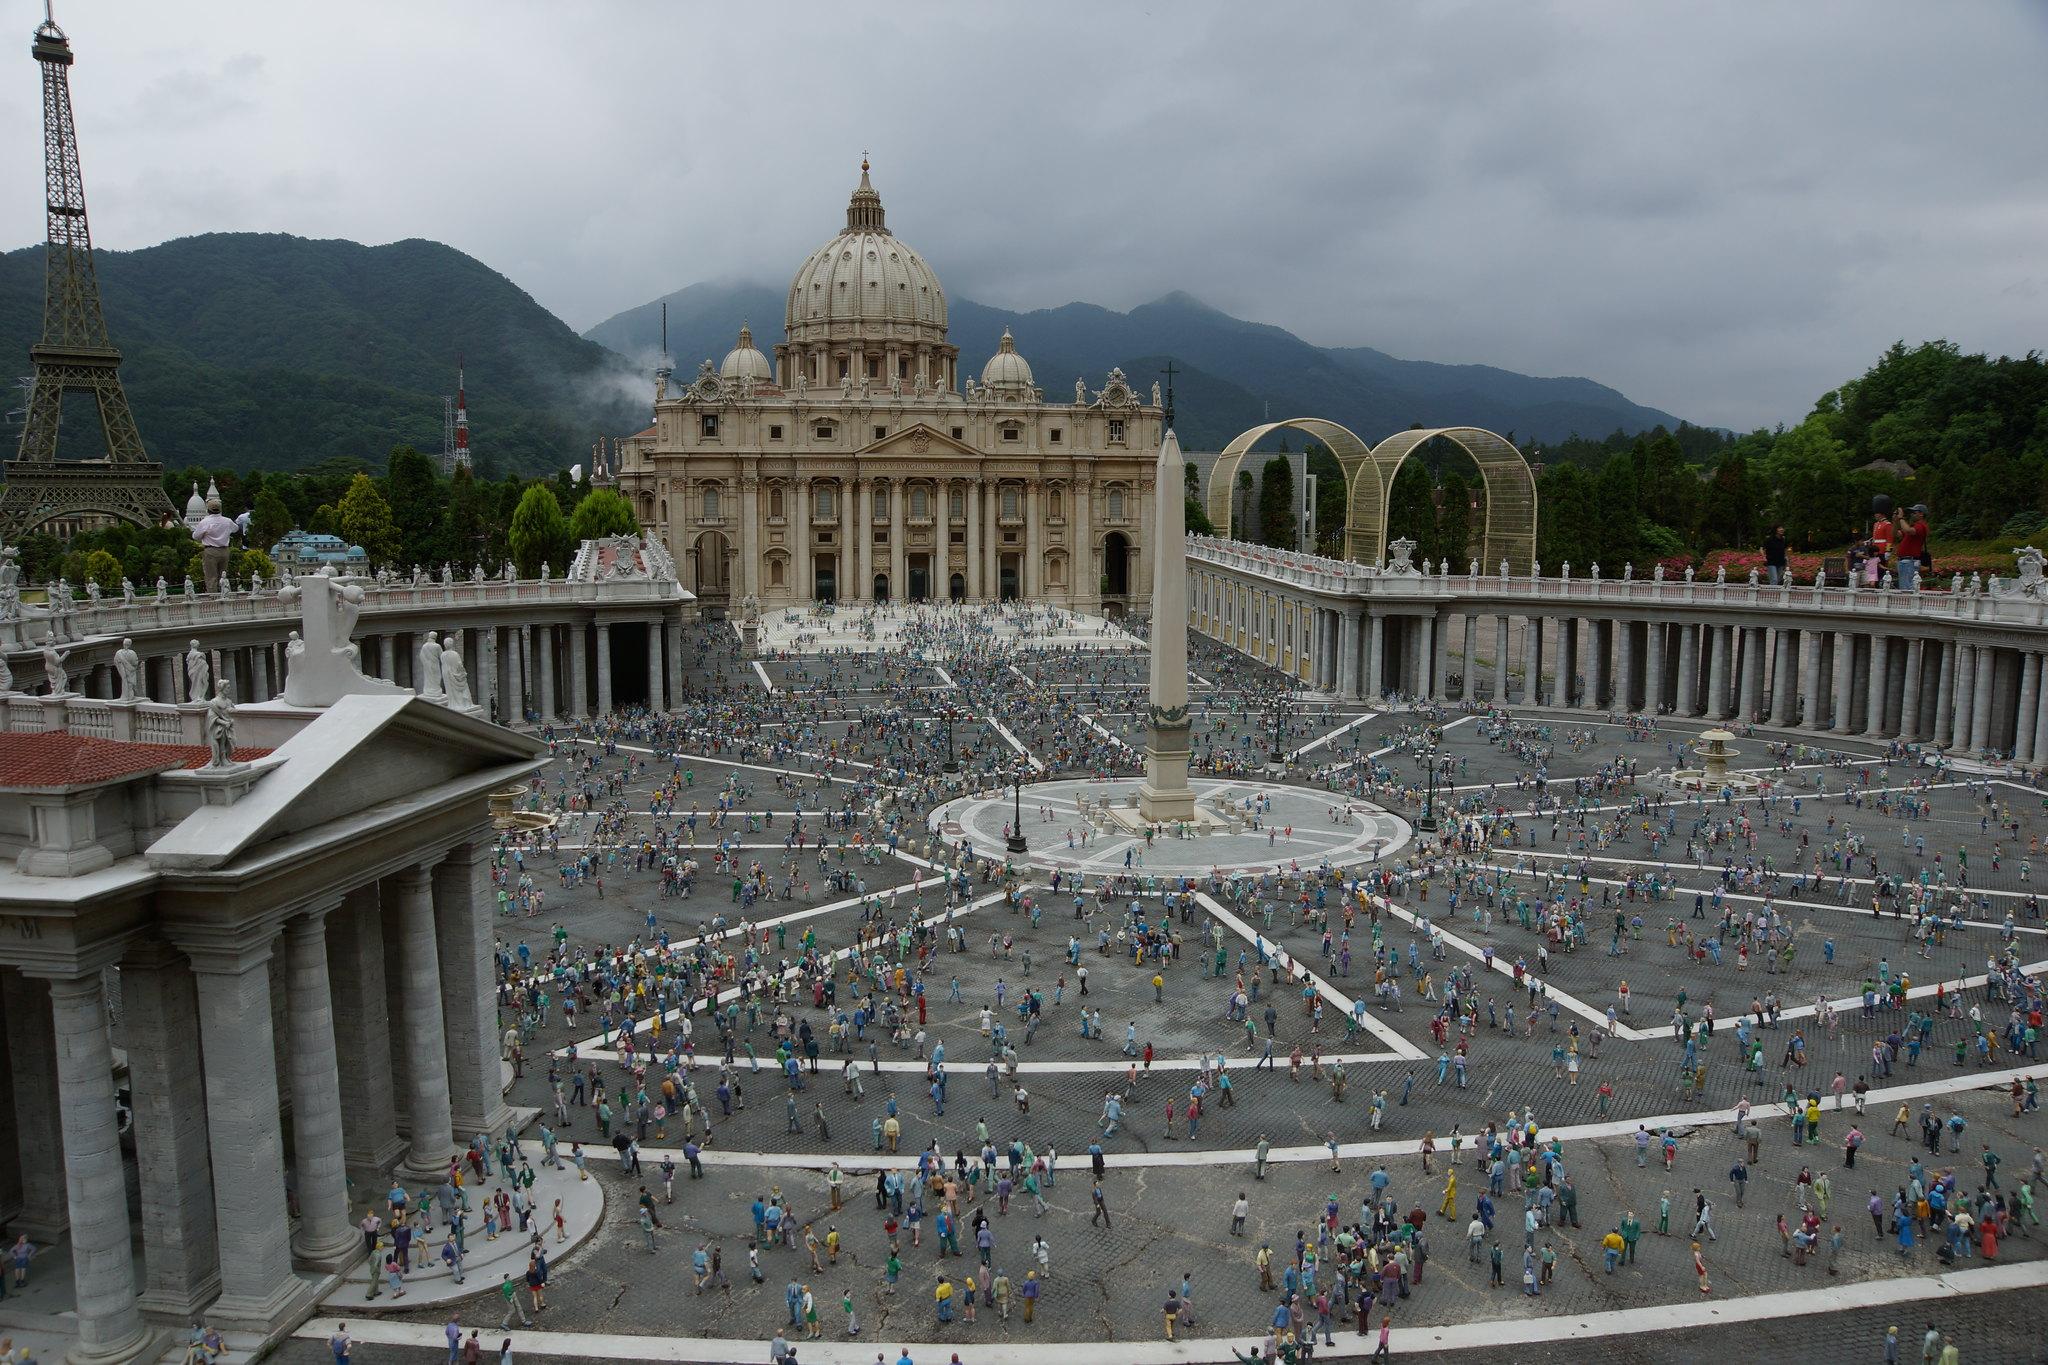 サン・ピエトロ大聖堂とサン・ピエトロ広場 Saint Peter's Basilica and Saint Peter's Square